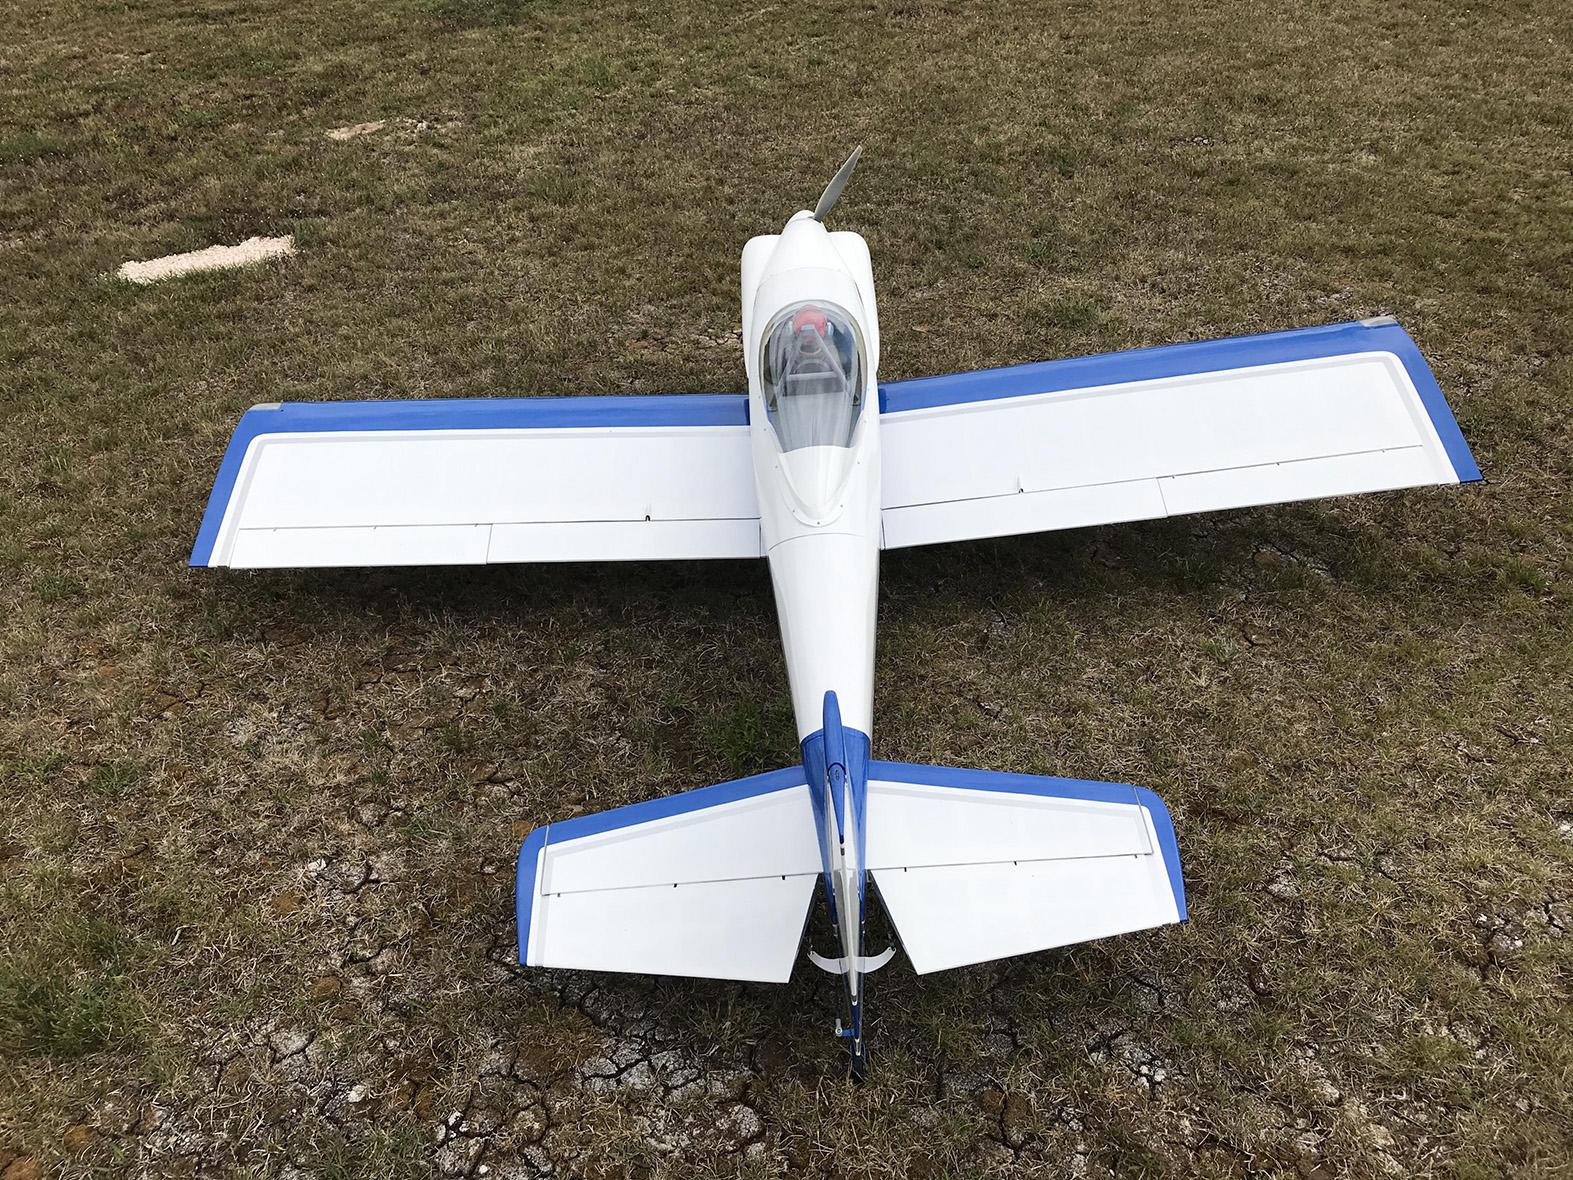 58E6E91A-3C63-49AE-BAE8-006CAA1C9CC4.jpg